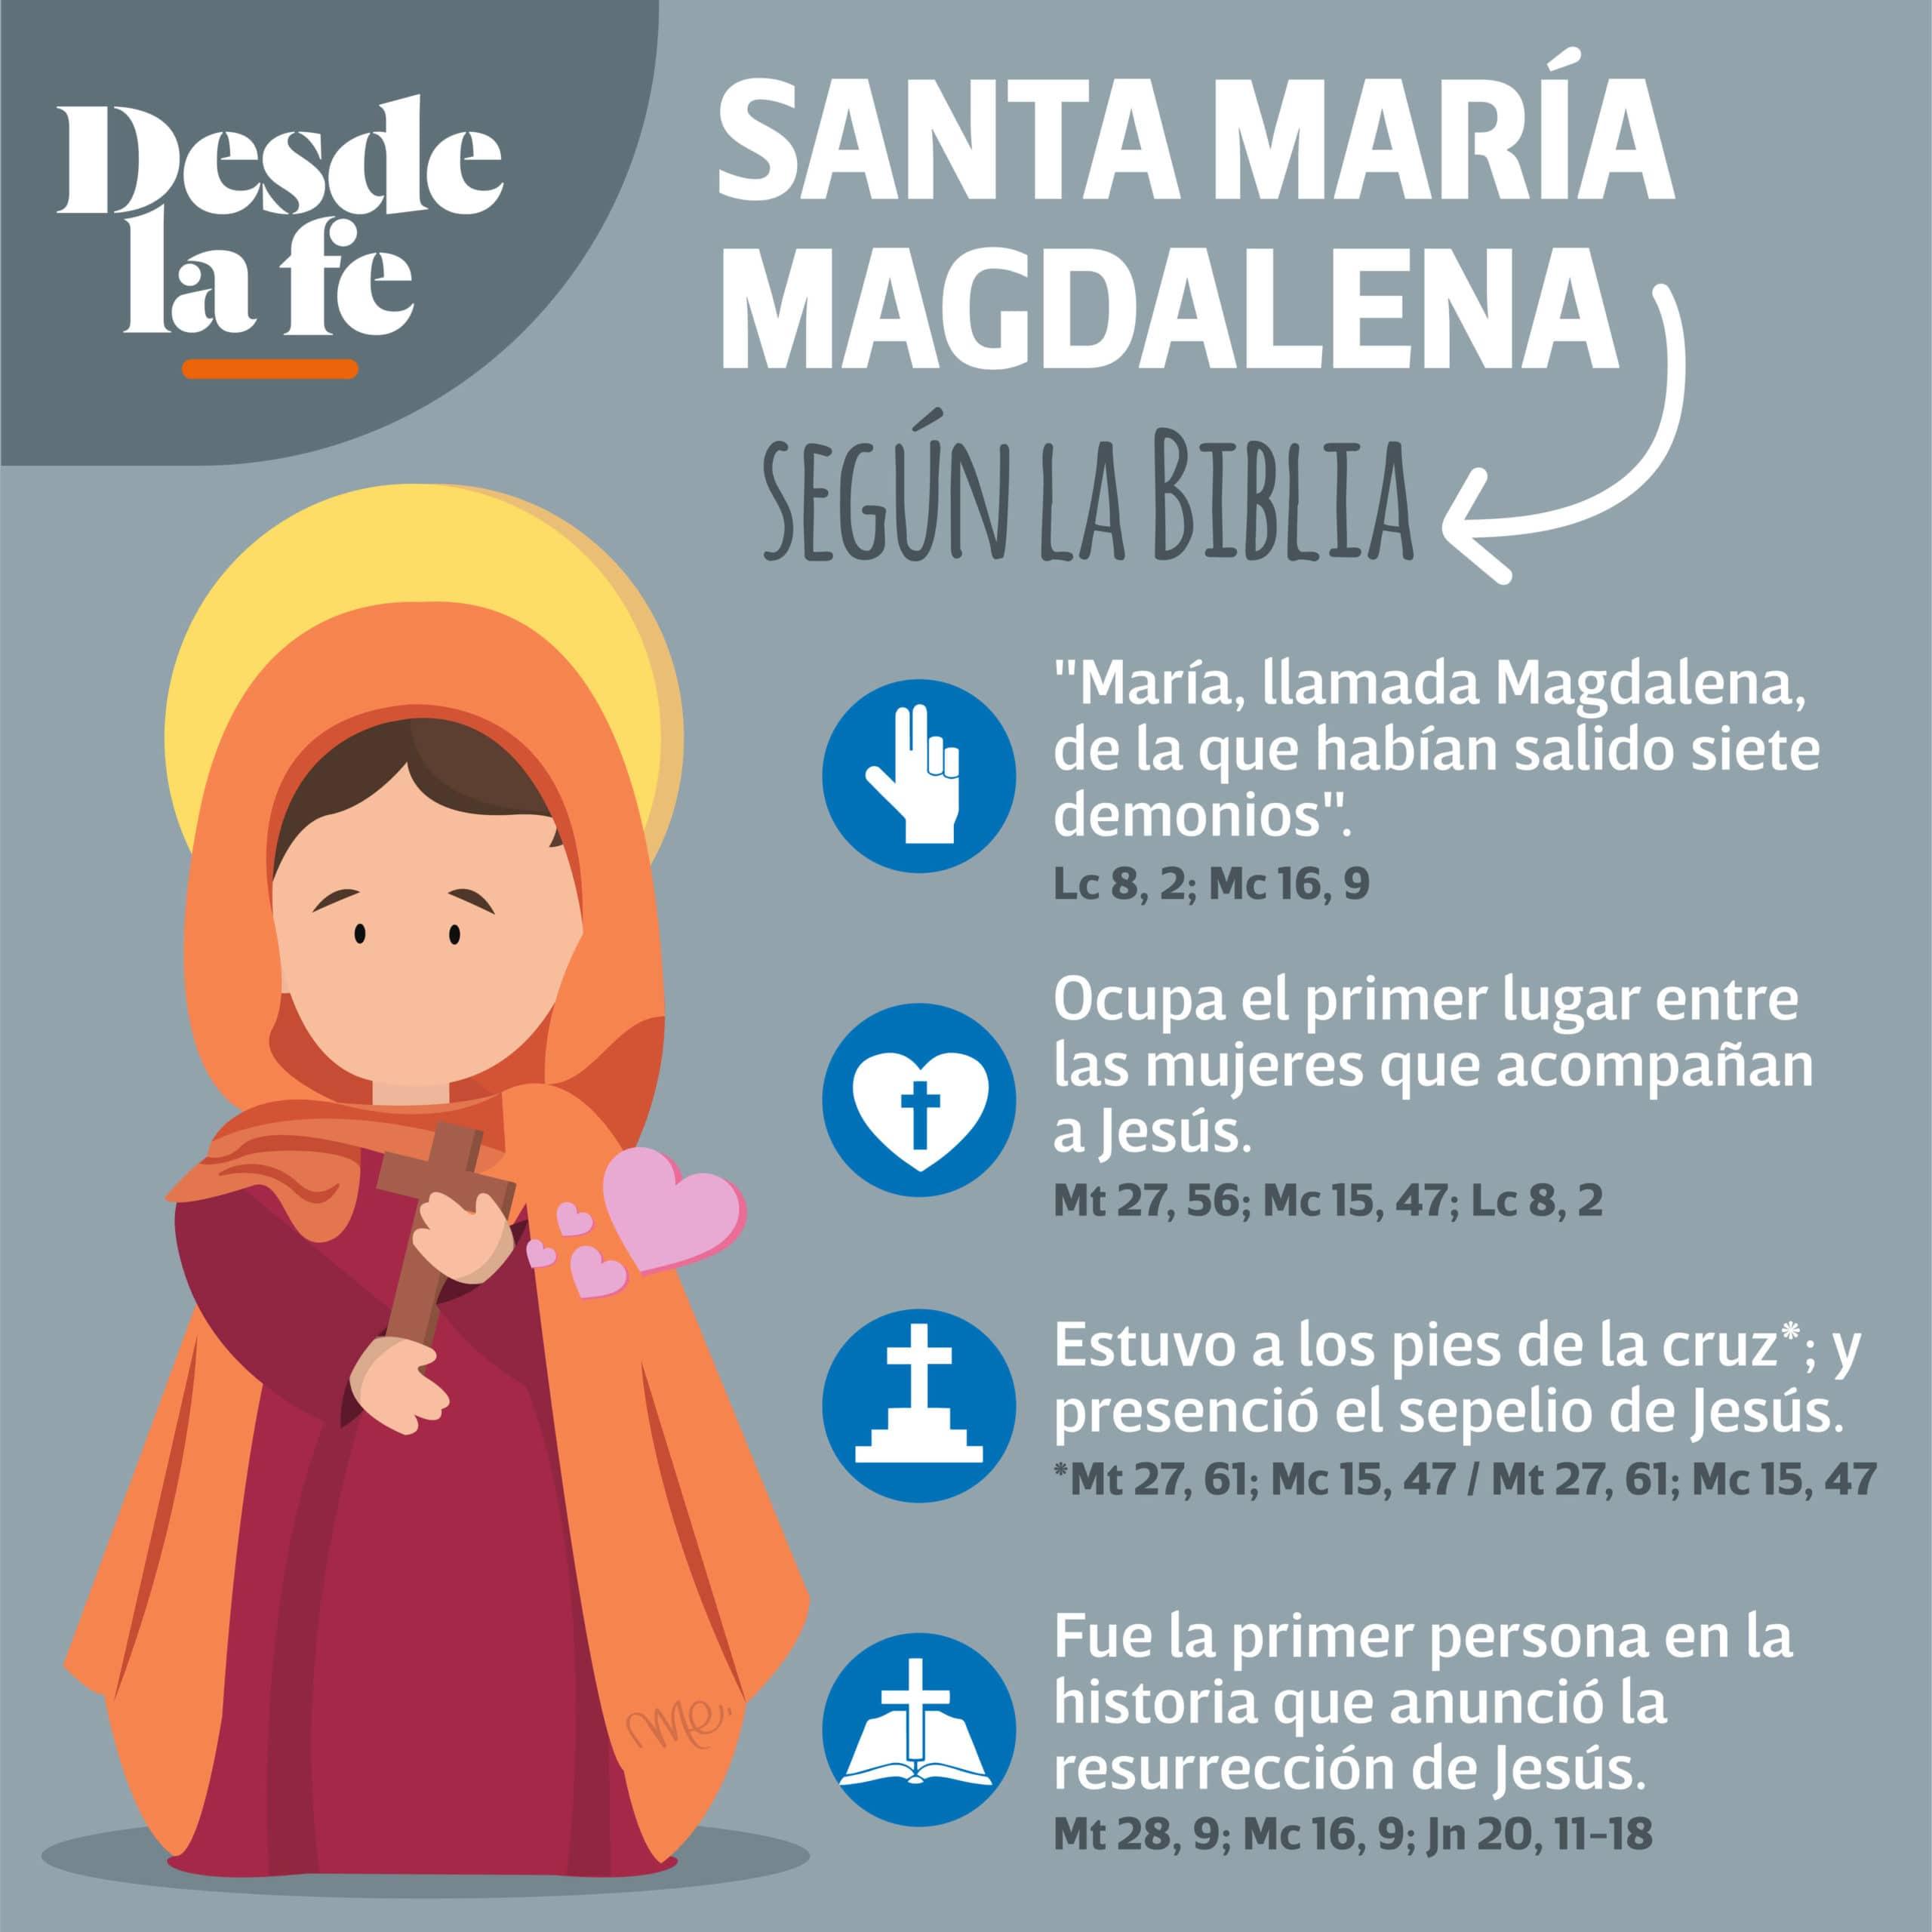 María Magdalena según la Biblia.